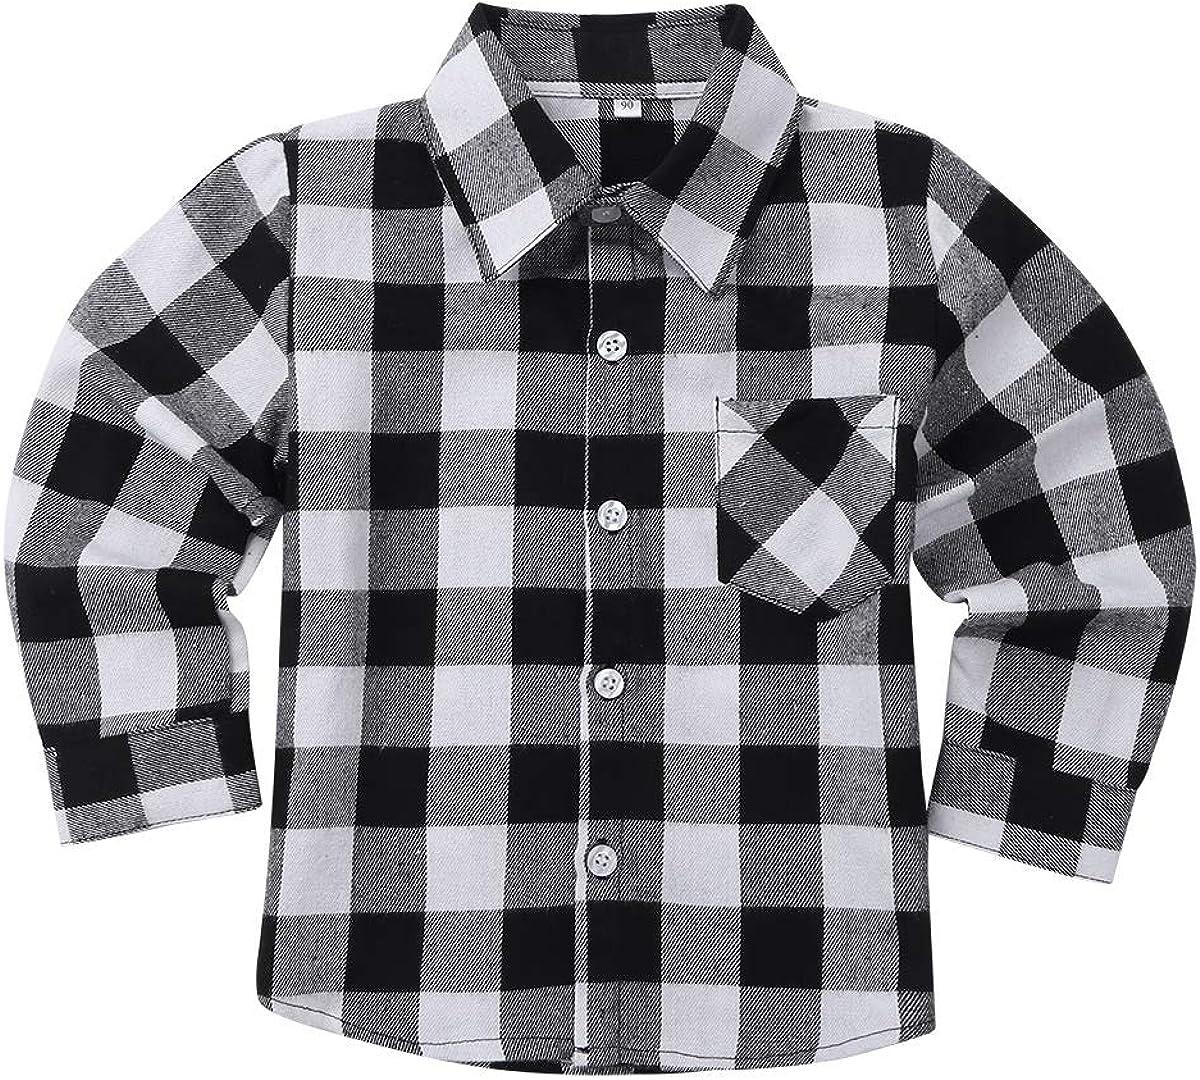 IEFIEL Camisa para Bebé Niños Camisa Cuadros Manga Larga Cuello Solapa Blusa Algodón Primavera Tartan Shirt Escuela Camisa Casual con Botones Bolsillo Frente: Amazon.es: Ropa y accesorios